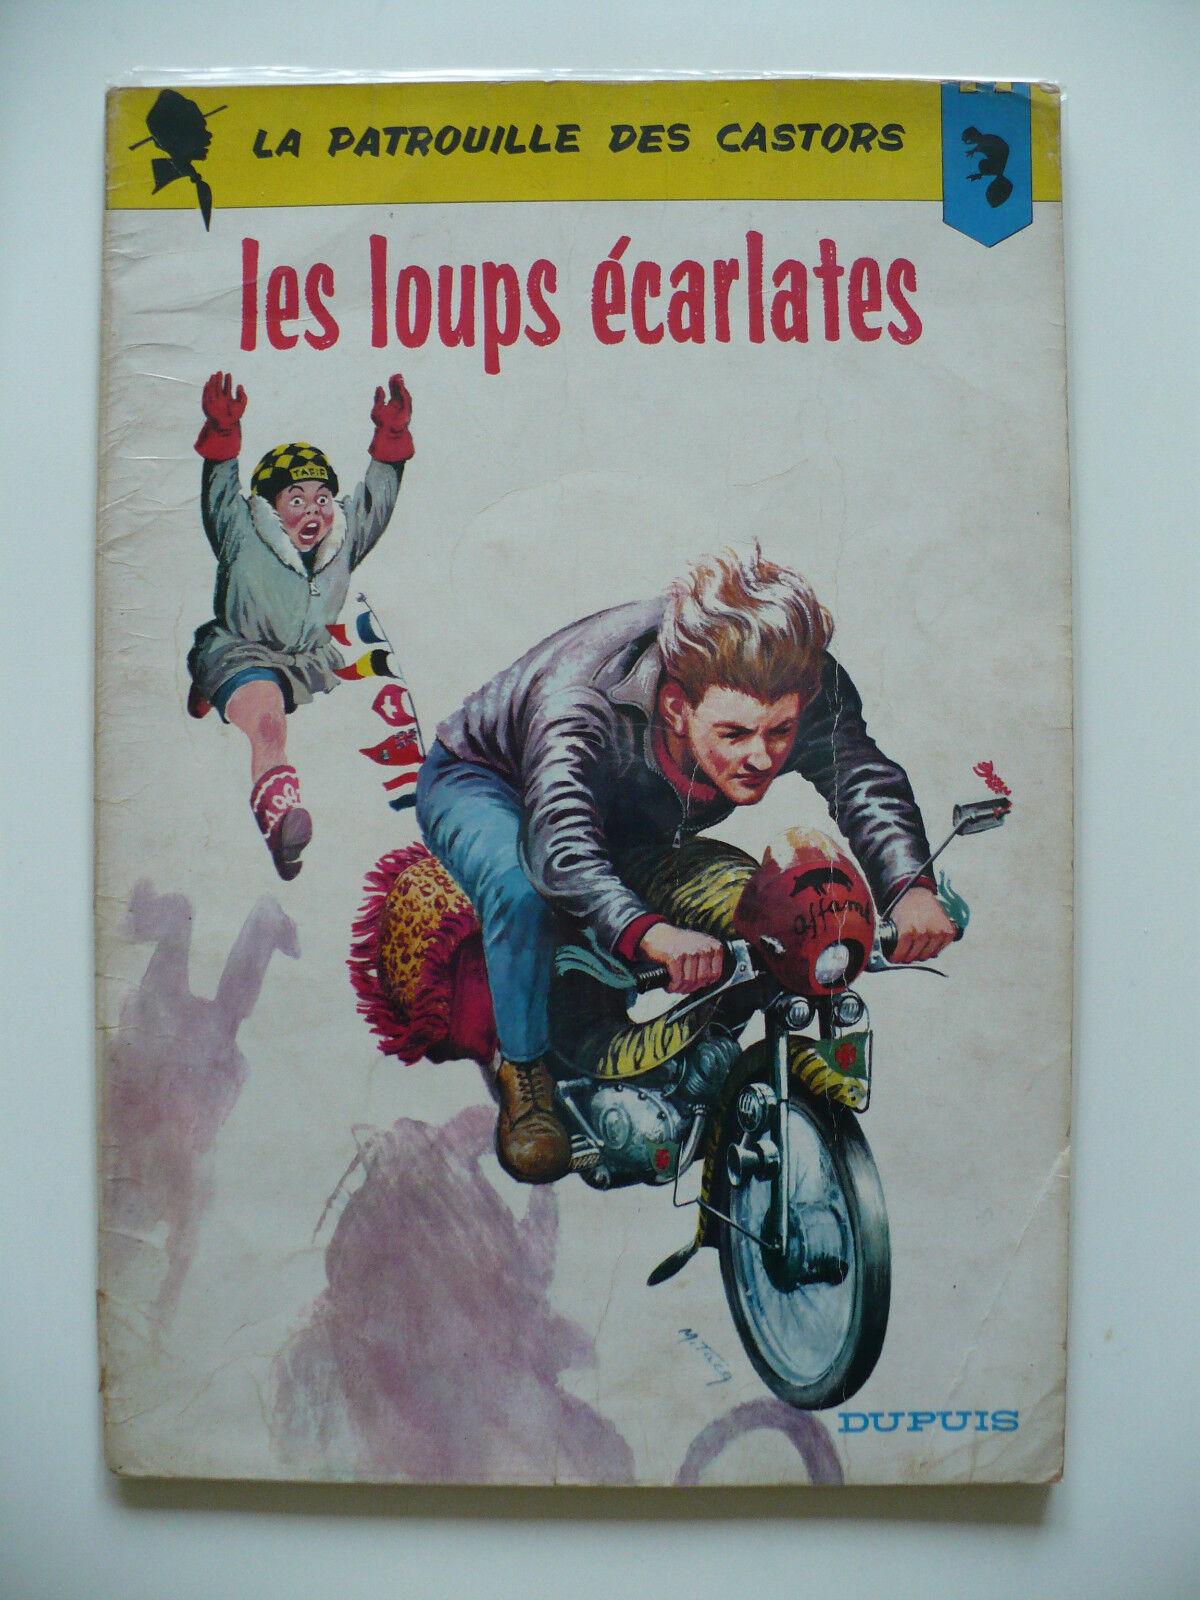 EO (bel état) - La patrouille des Castors 11 (les loups écarlates) 1964 Mitacq